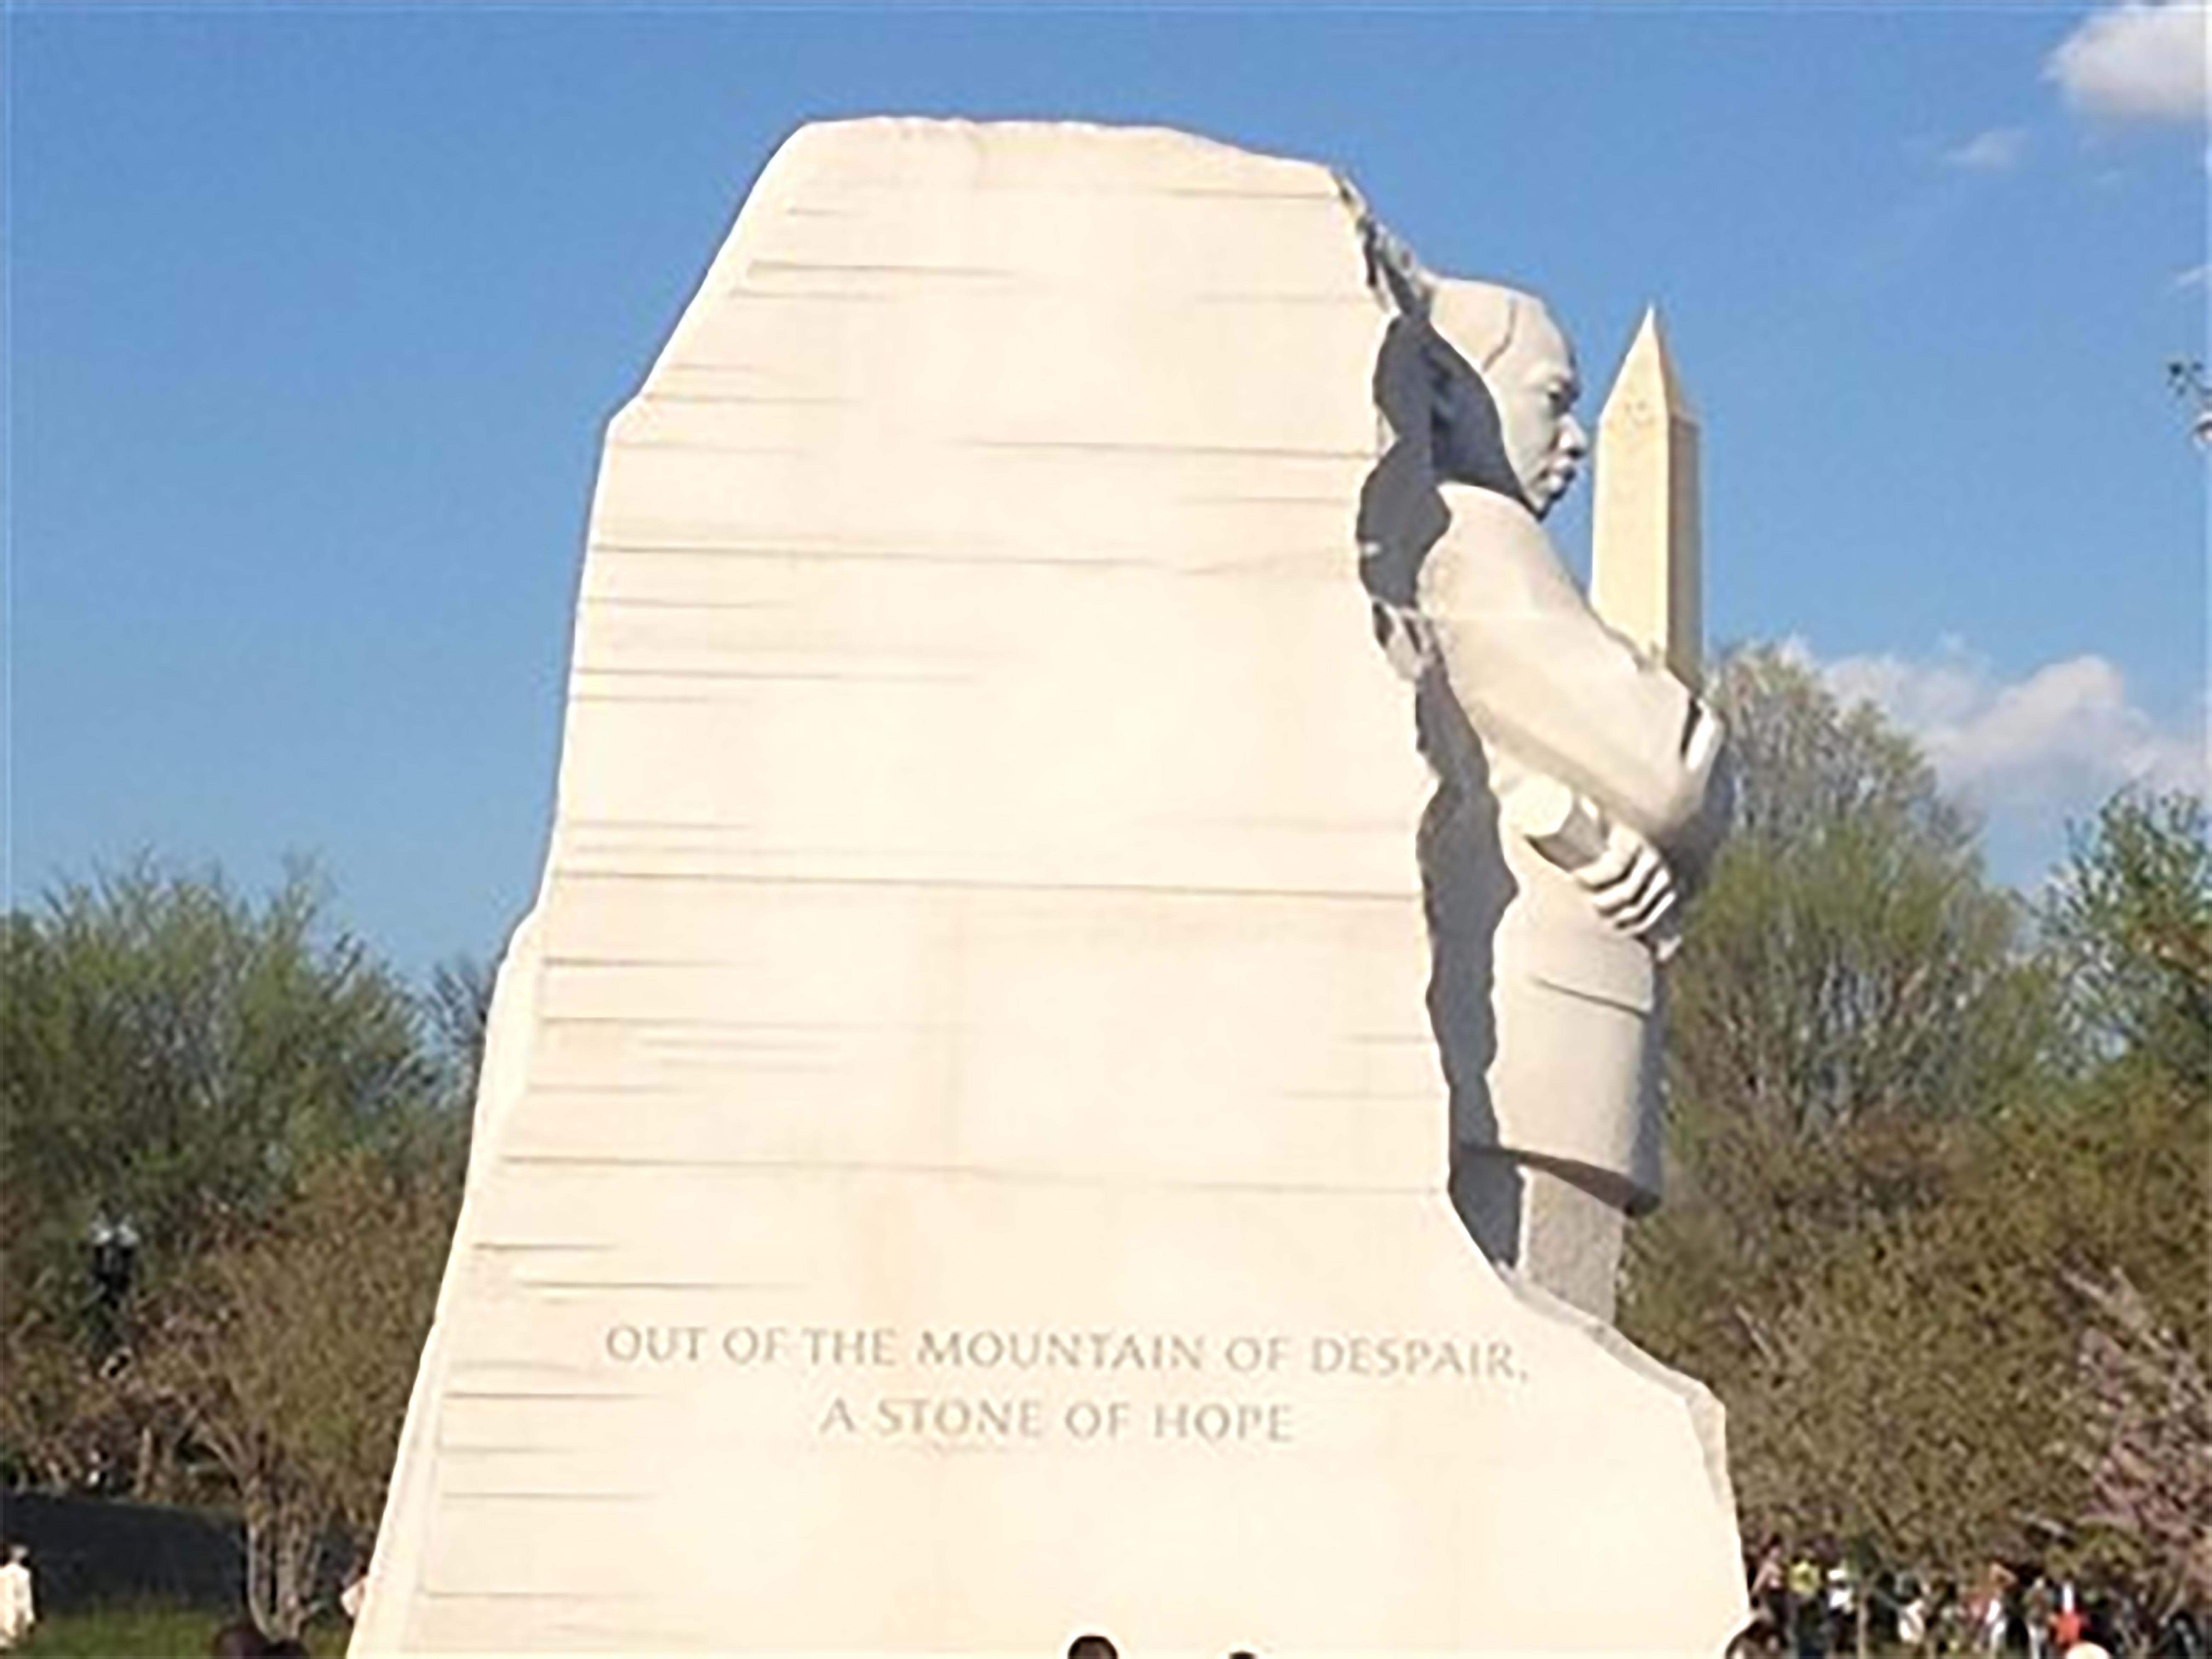 Imagen en la que el Monumento a Martin Luther King Jr., pareciera abrazar el obelisco en la capital estadounidense de Washington D.C. Foto de Maidstone Mulenga, Concilio de Obispos/as.